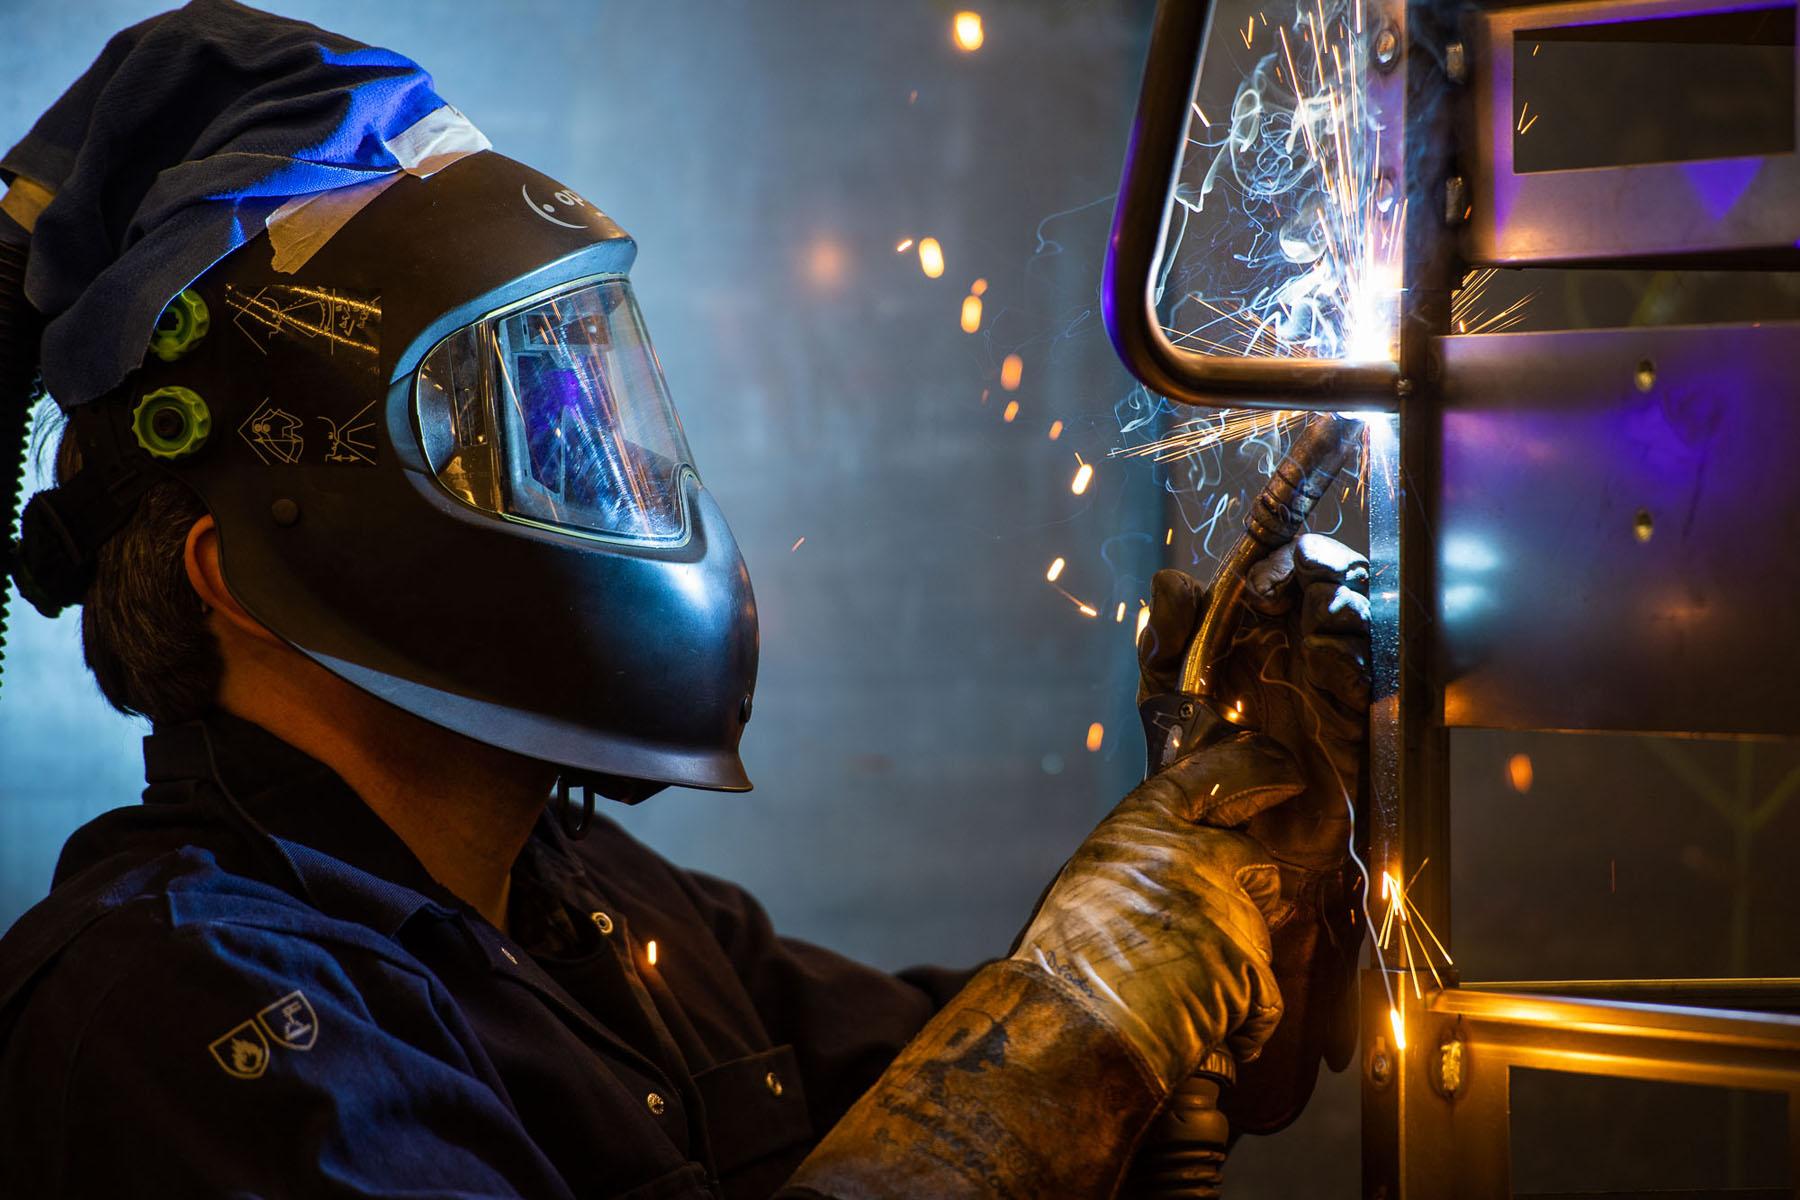 UK Metal Fabrication Welding